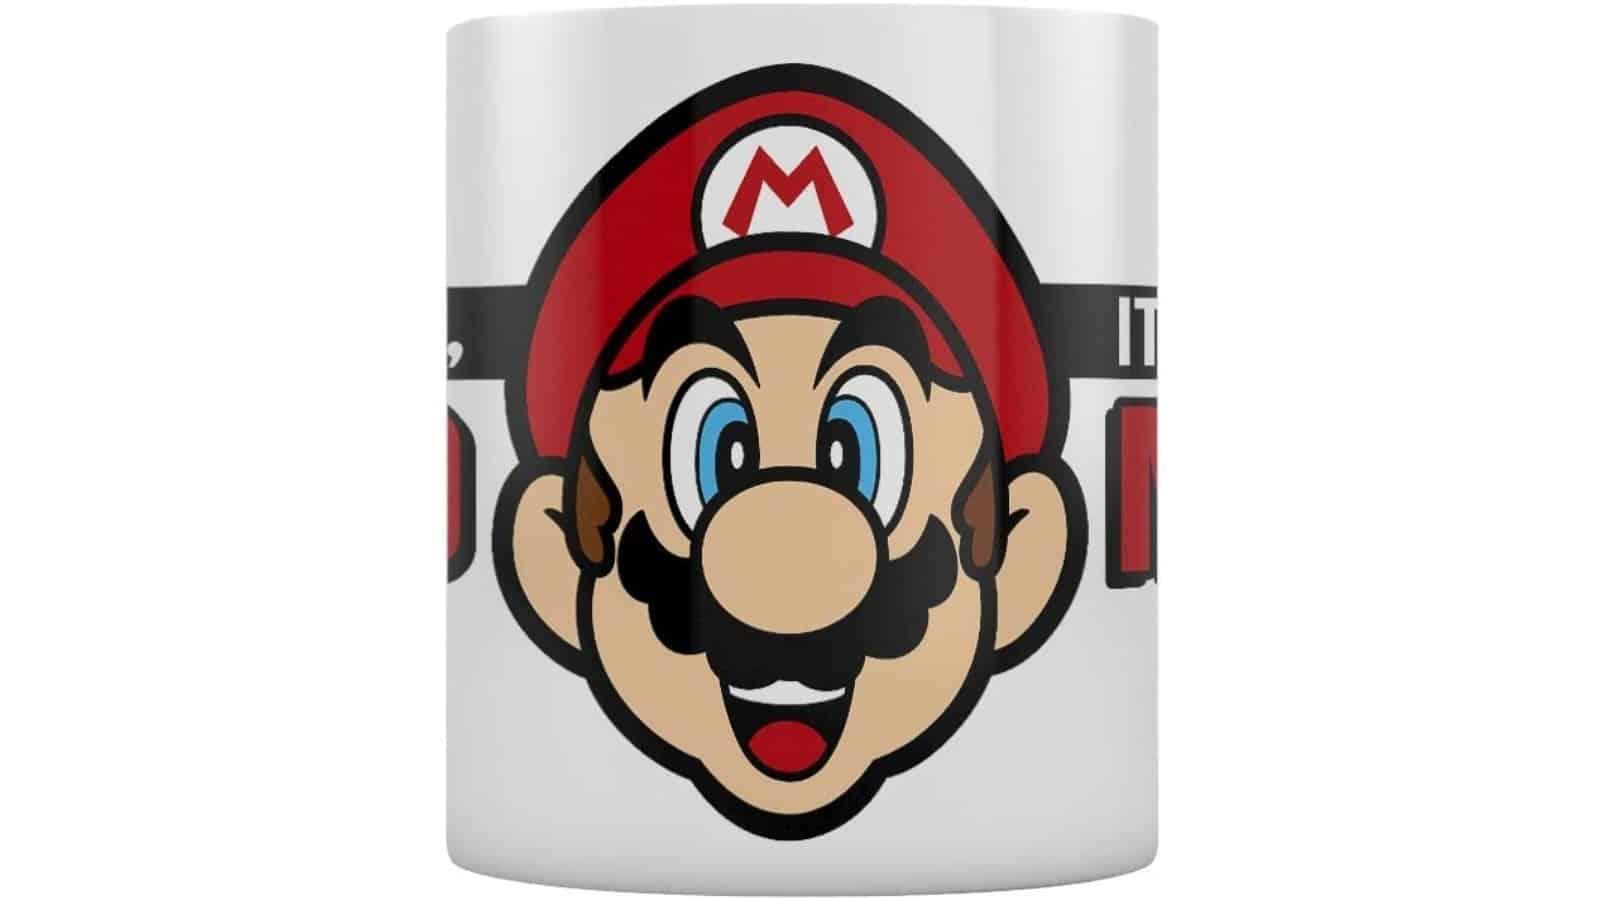 """ספל לבן עם איור דמותו של סופר מריו וכיתוב """"It's-a me, Mario""""."""